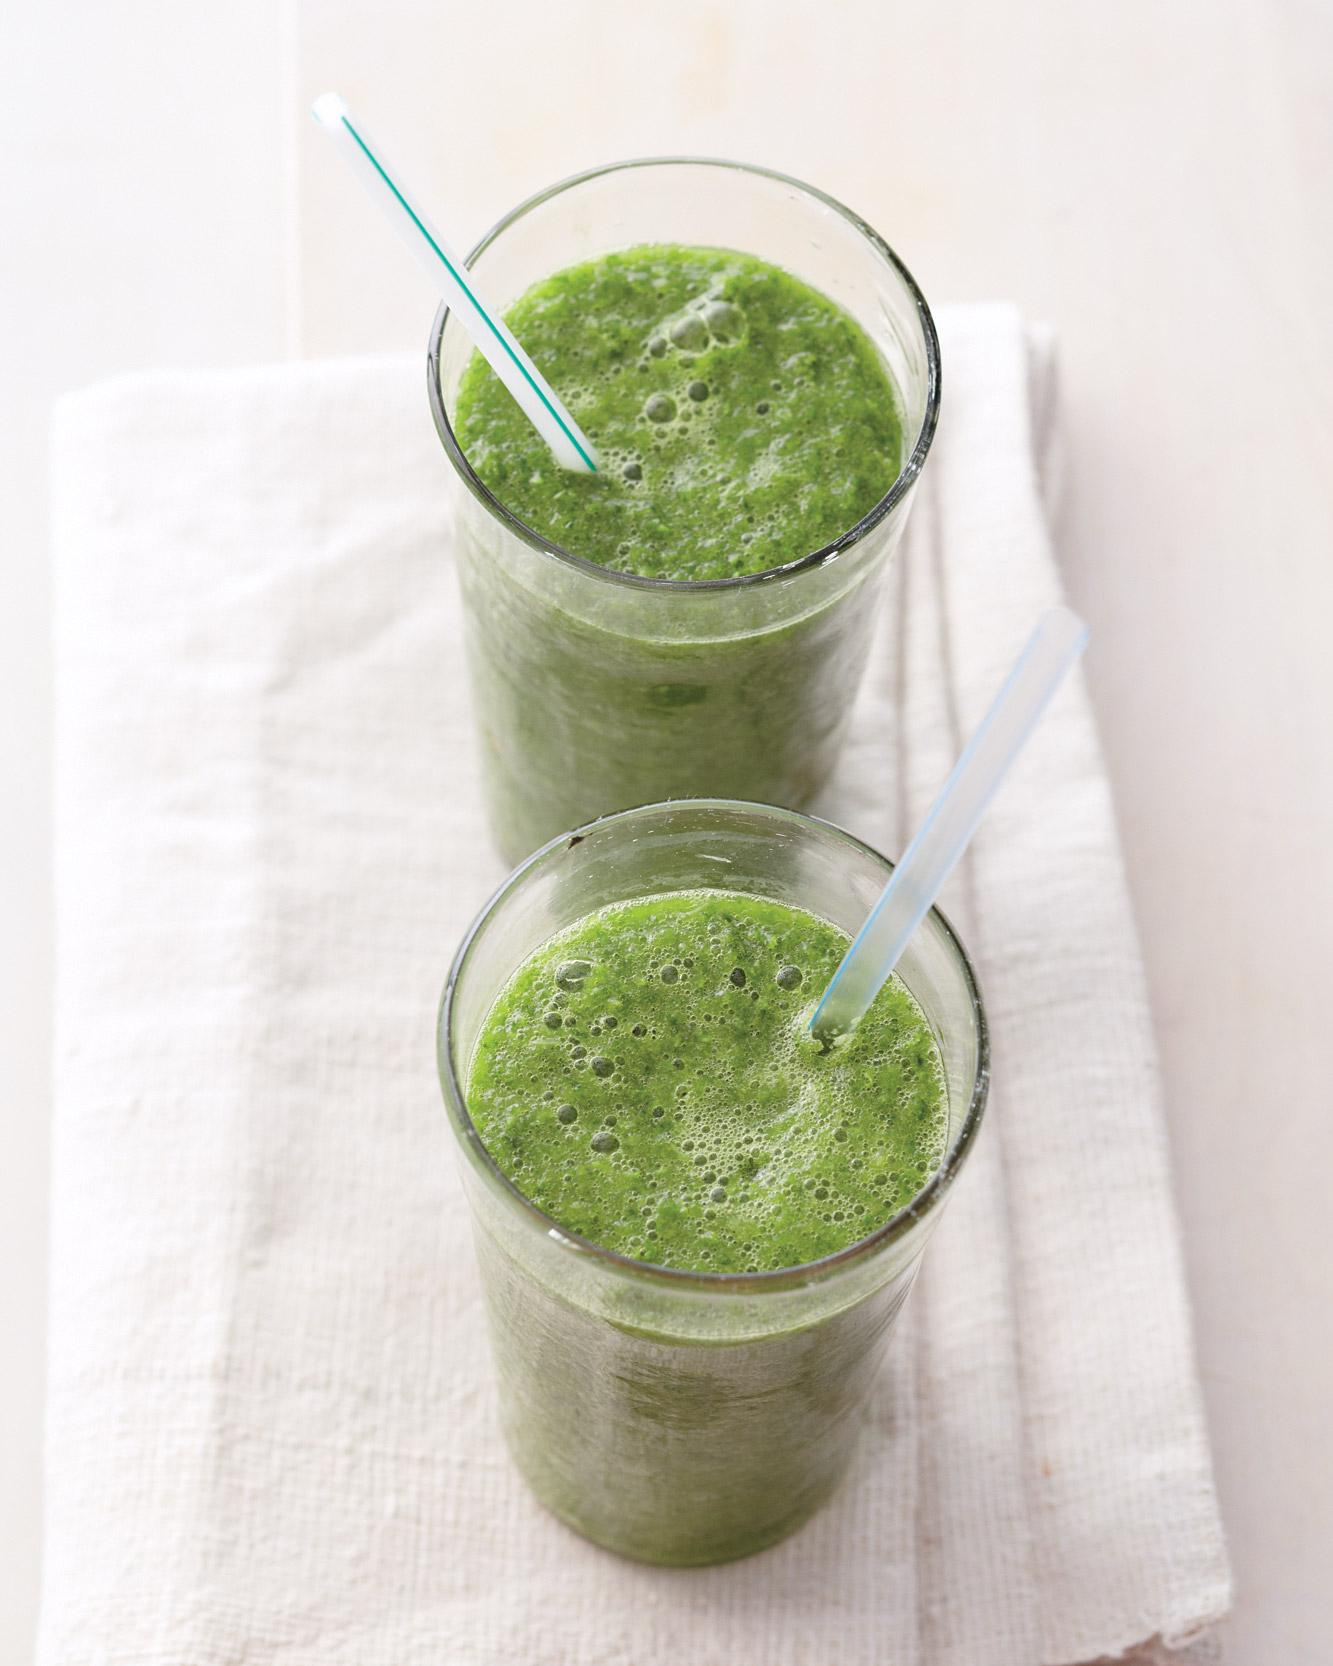 green-machine-smootie-mbd108052.jpg